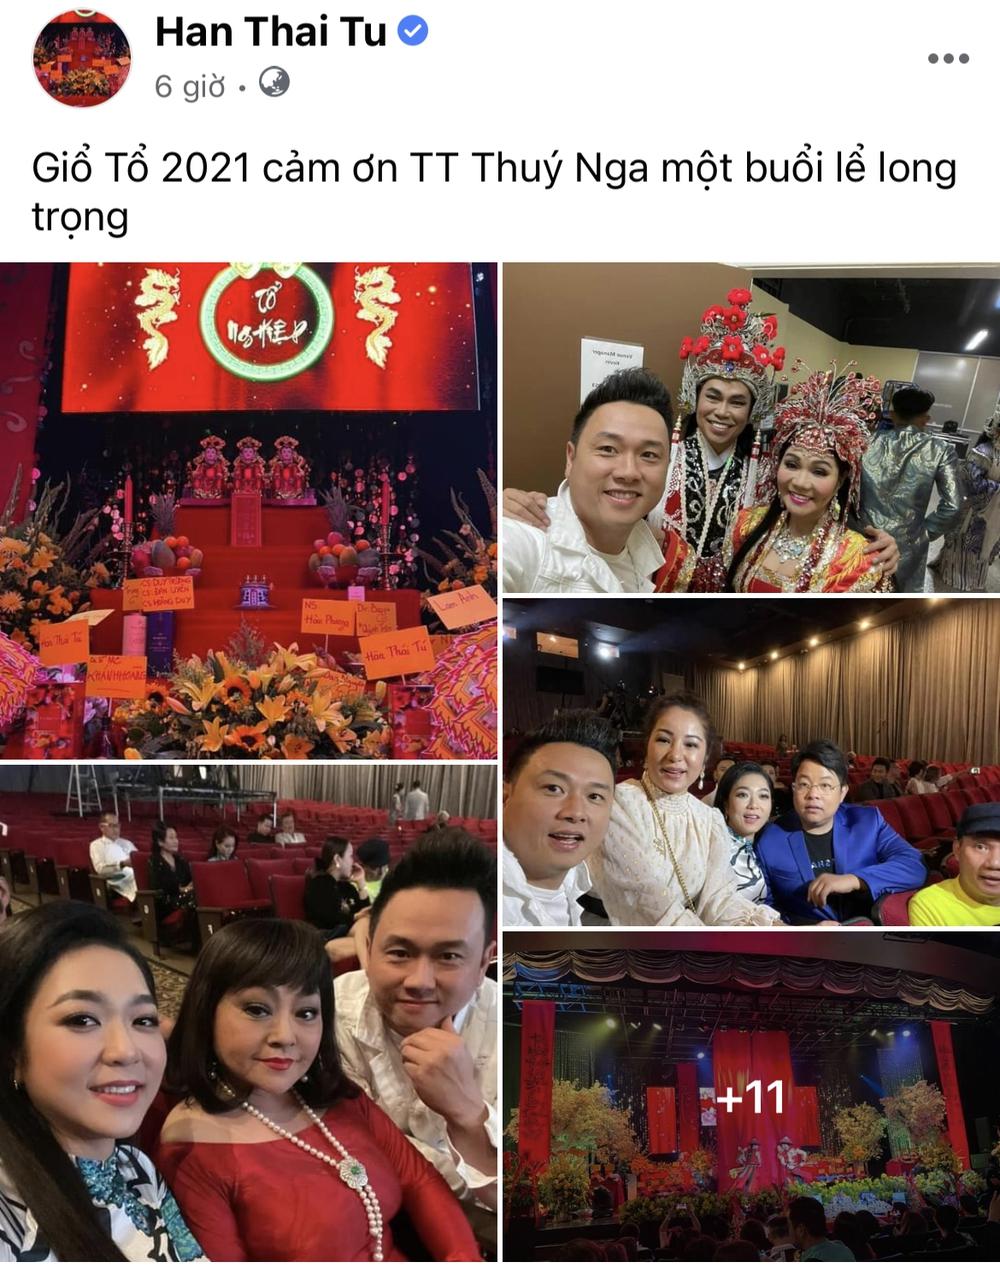 Showbiz Việt ngày Giỗ tổ sân khấu: Lý Hải - Khánh Vân và dàn sao Việt dâng lễ tại gia, Nam Thư muốn khóc vì tủi thân - Ảnh 39.